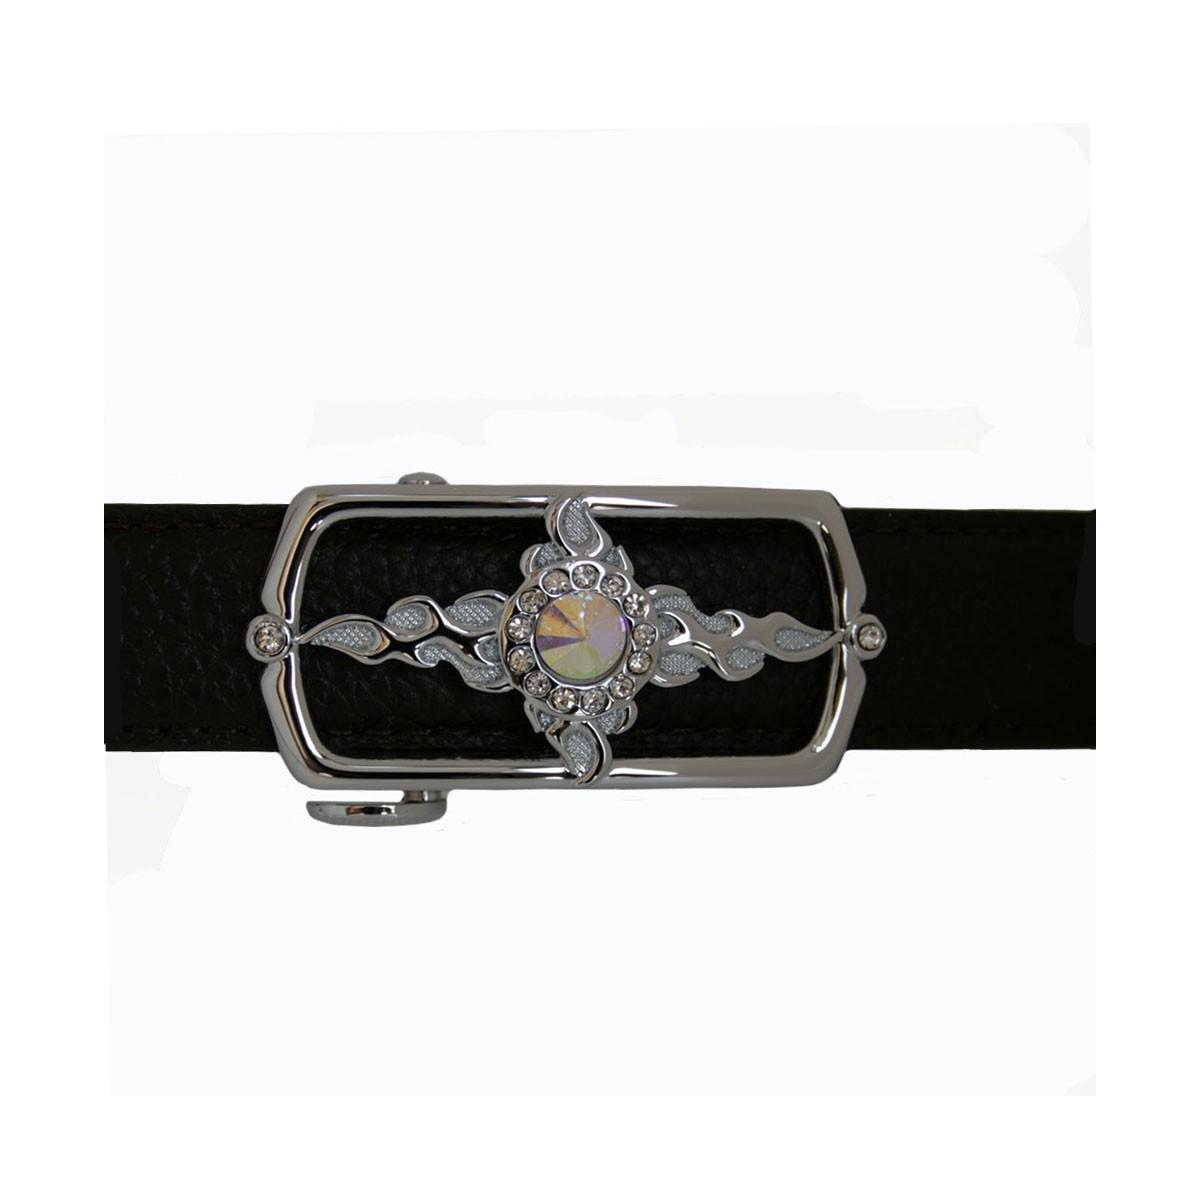 Boucle Etoile argenté pour ceinture Femme Lady à fermeture automatique